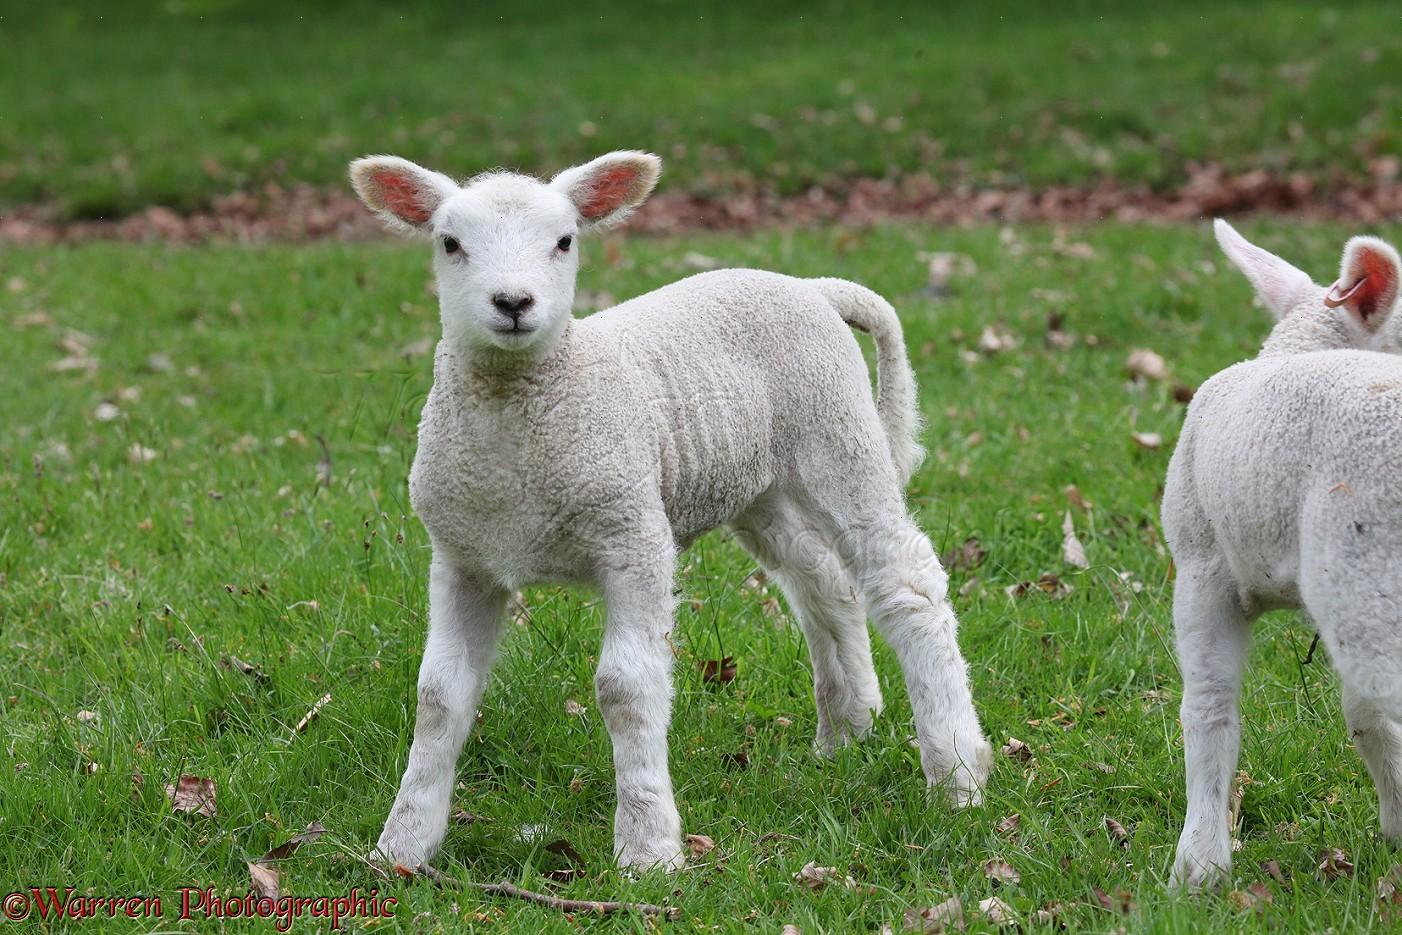 Lamb, 1 week old photo WP24857